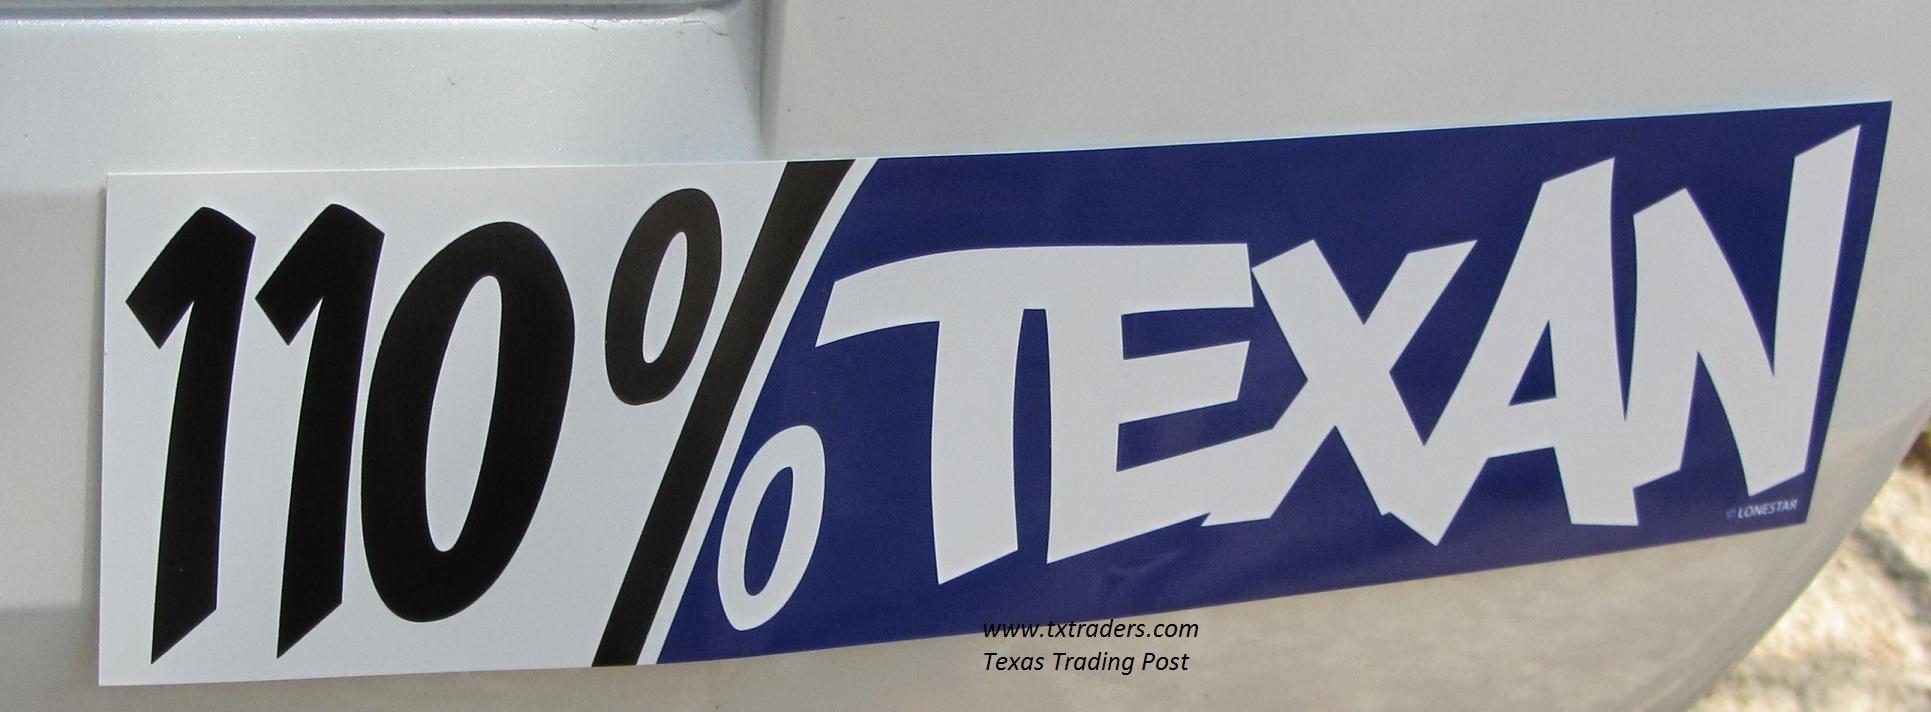 110% Texan Bumper Sticker